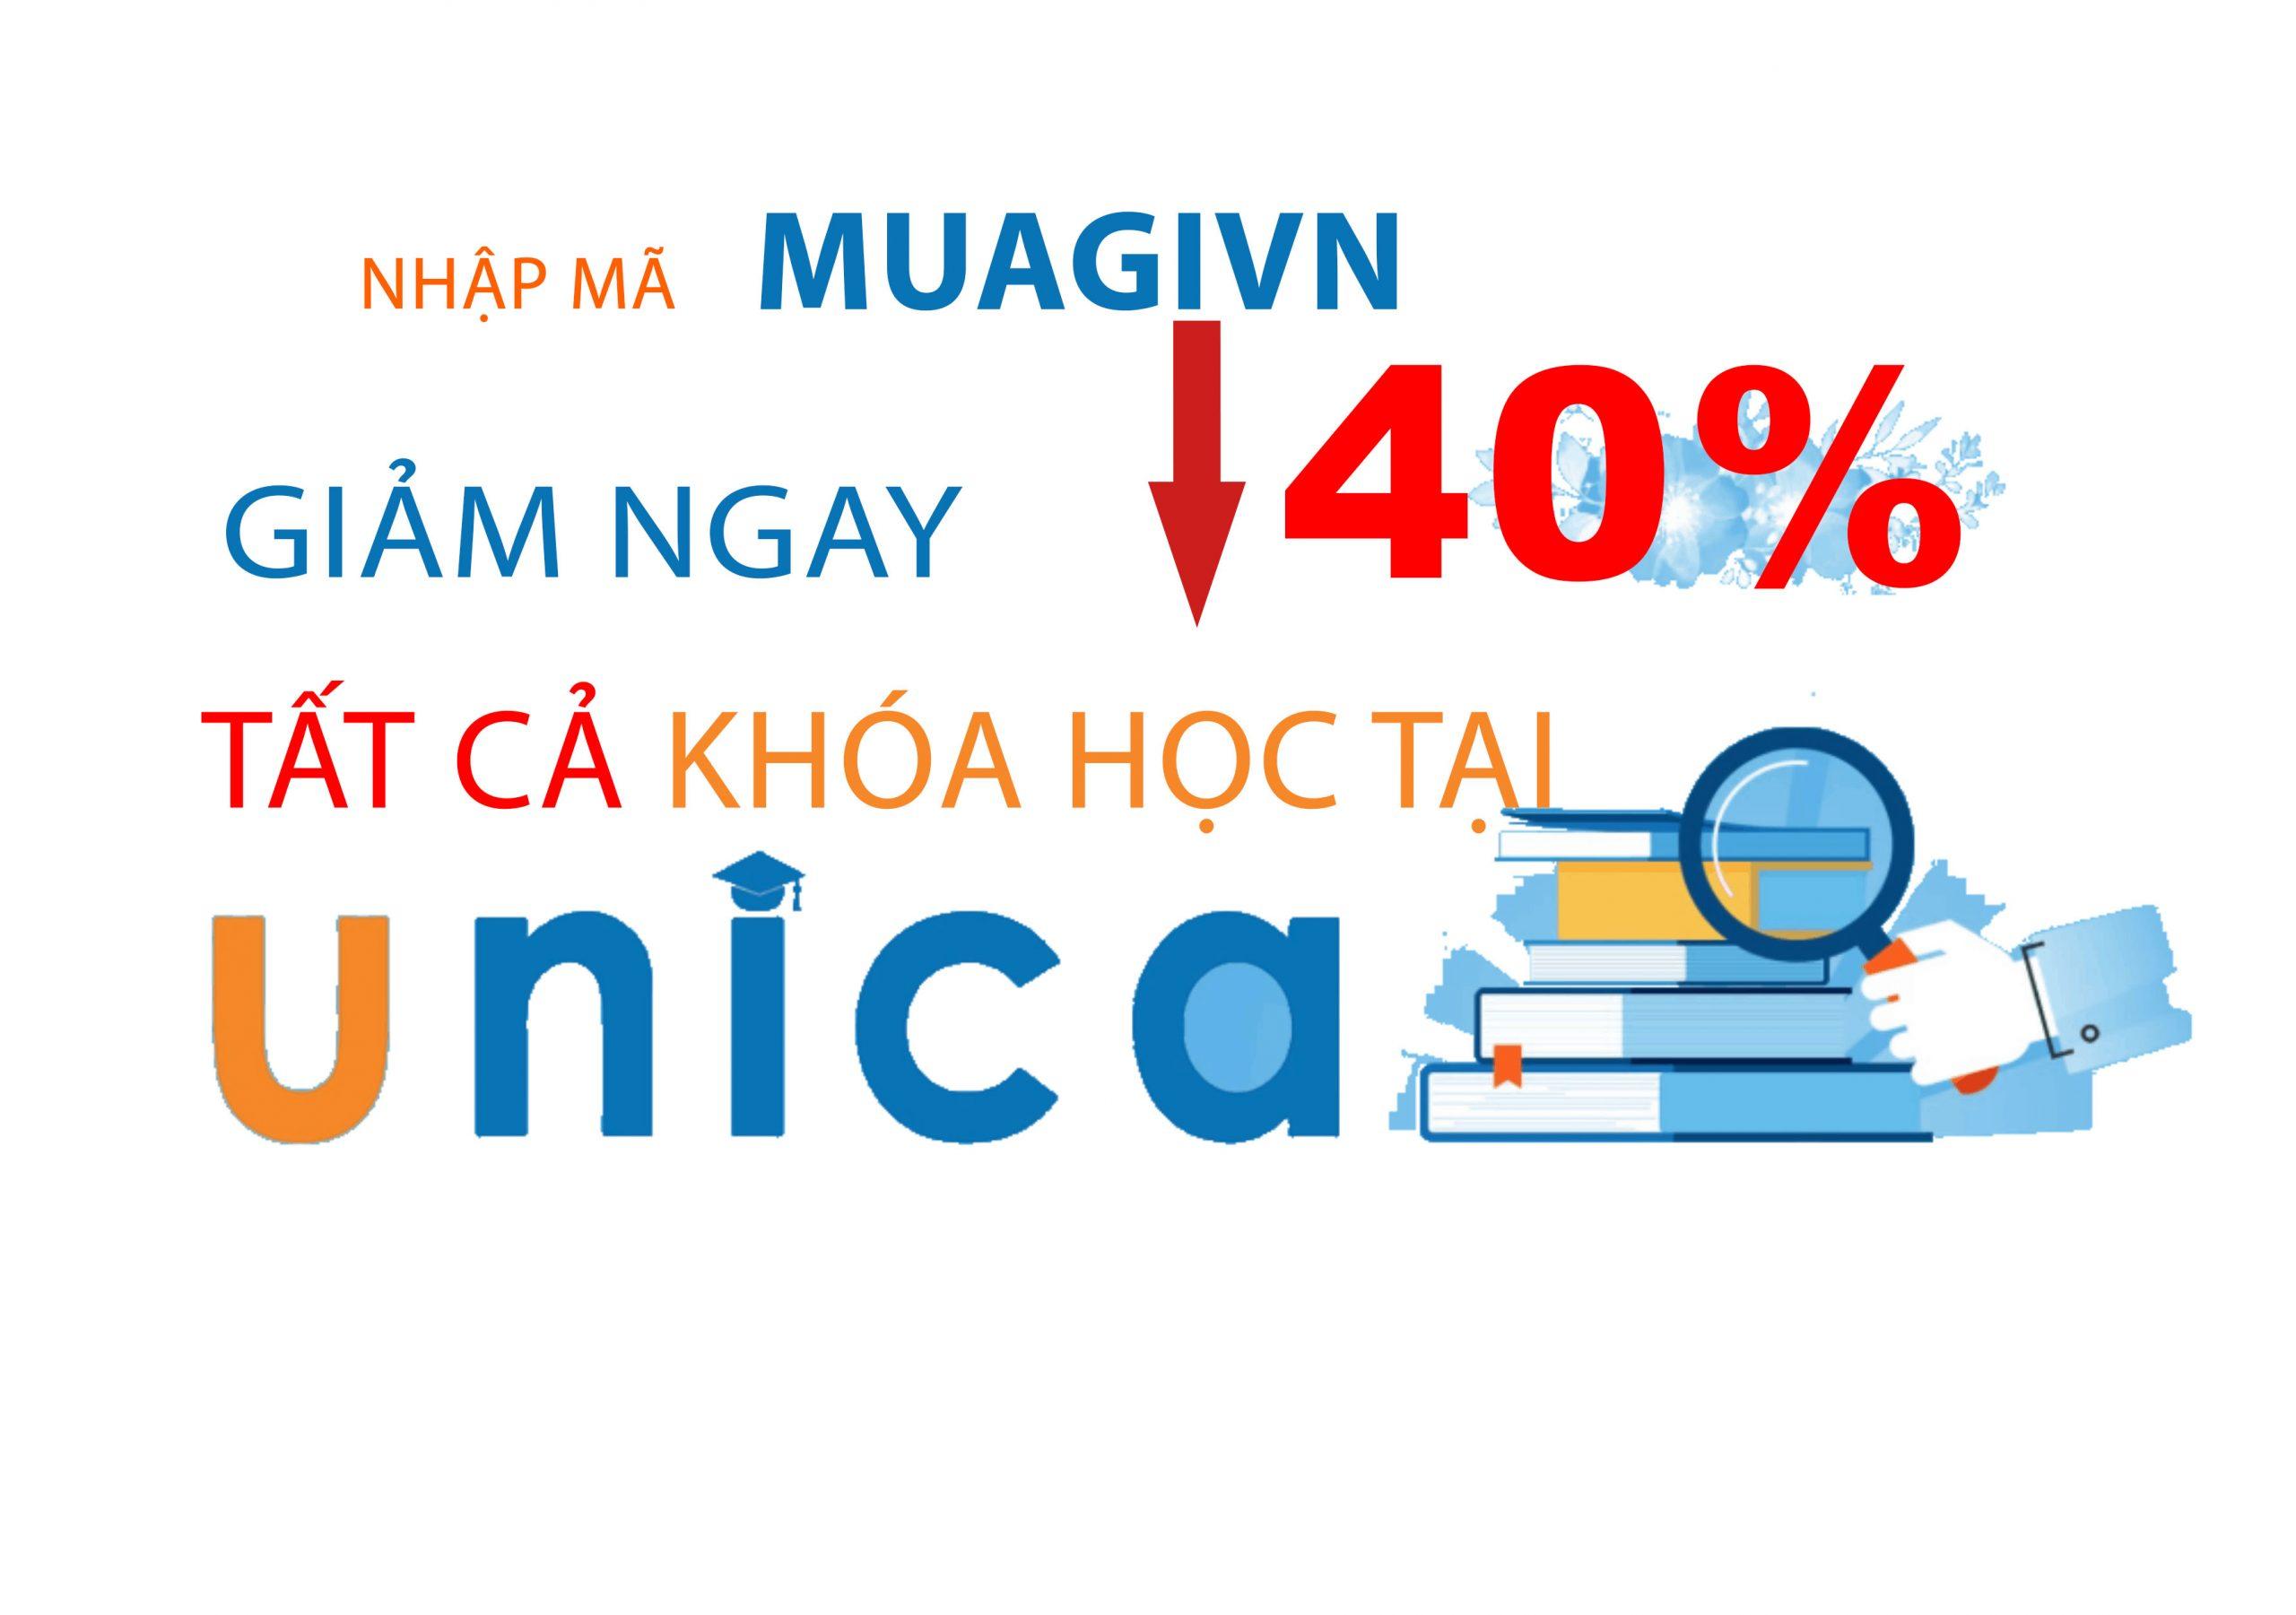 Chương trình khuyến mãi của khi học online Unica